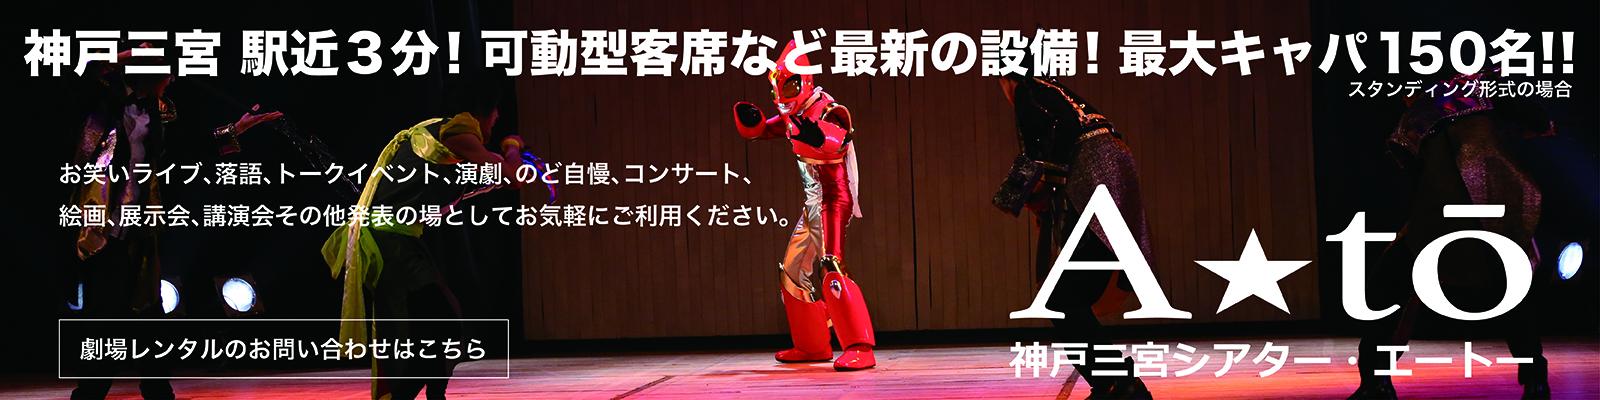 神戸三宮シアターA★tō 劇場レンタルのお問い合わせ